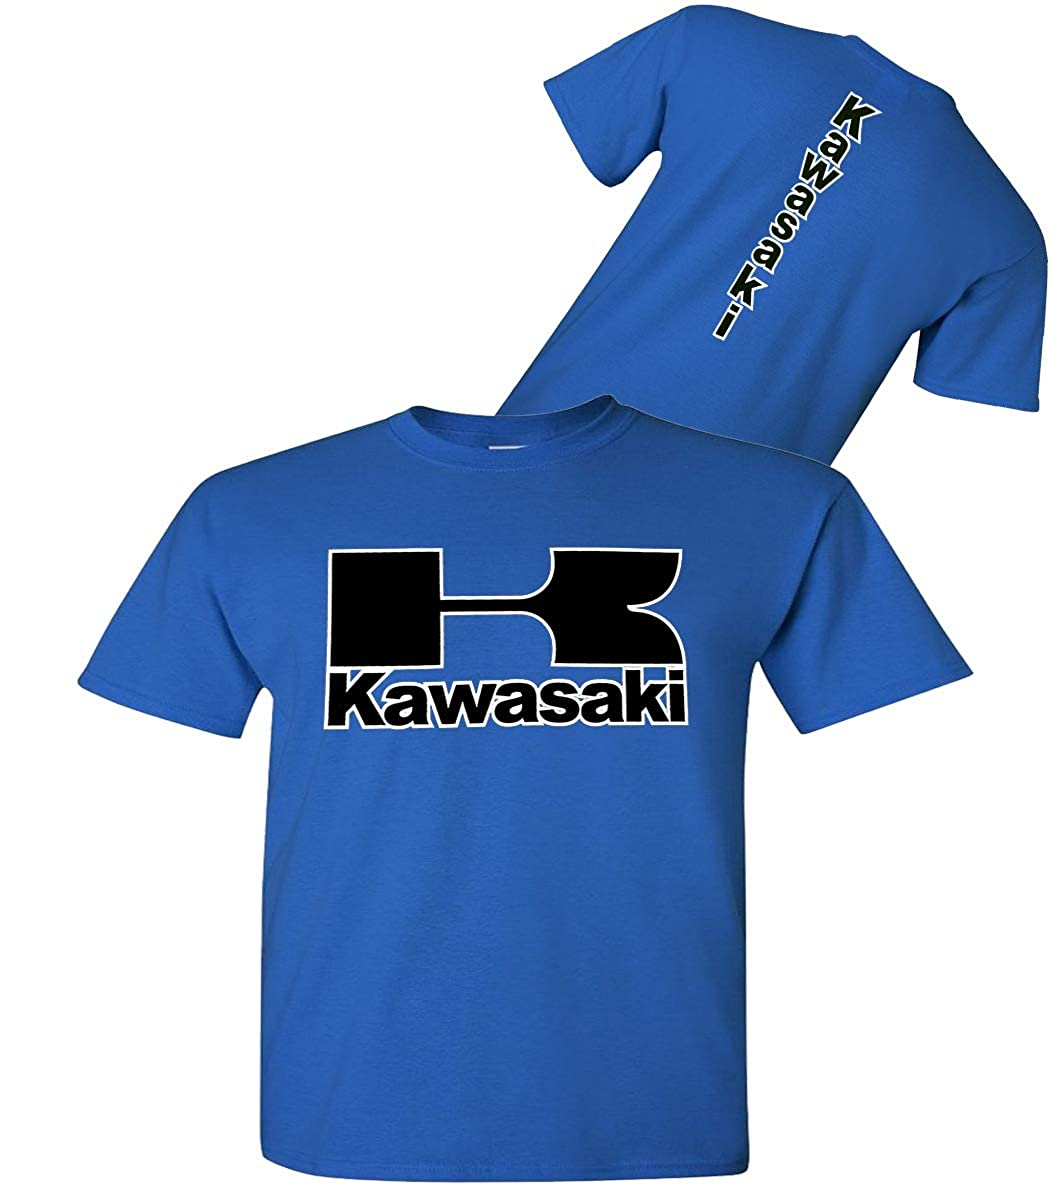 Kawasaki Shirt Kawasaki Motorcycle Royal Blue T-Shirt Streetbikes Dirtbikes Ninja ATV